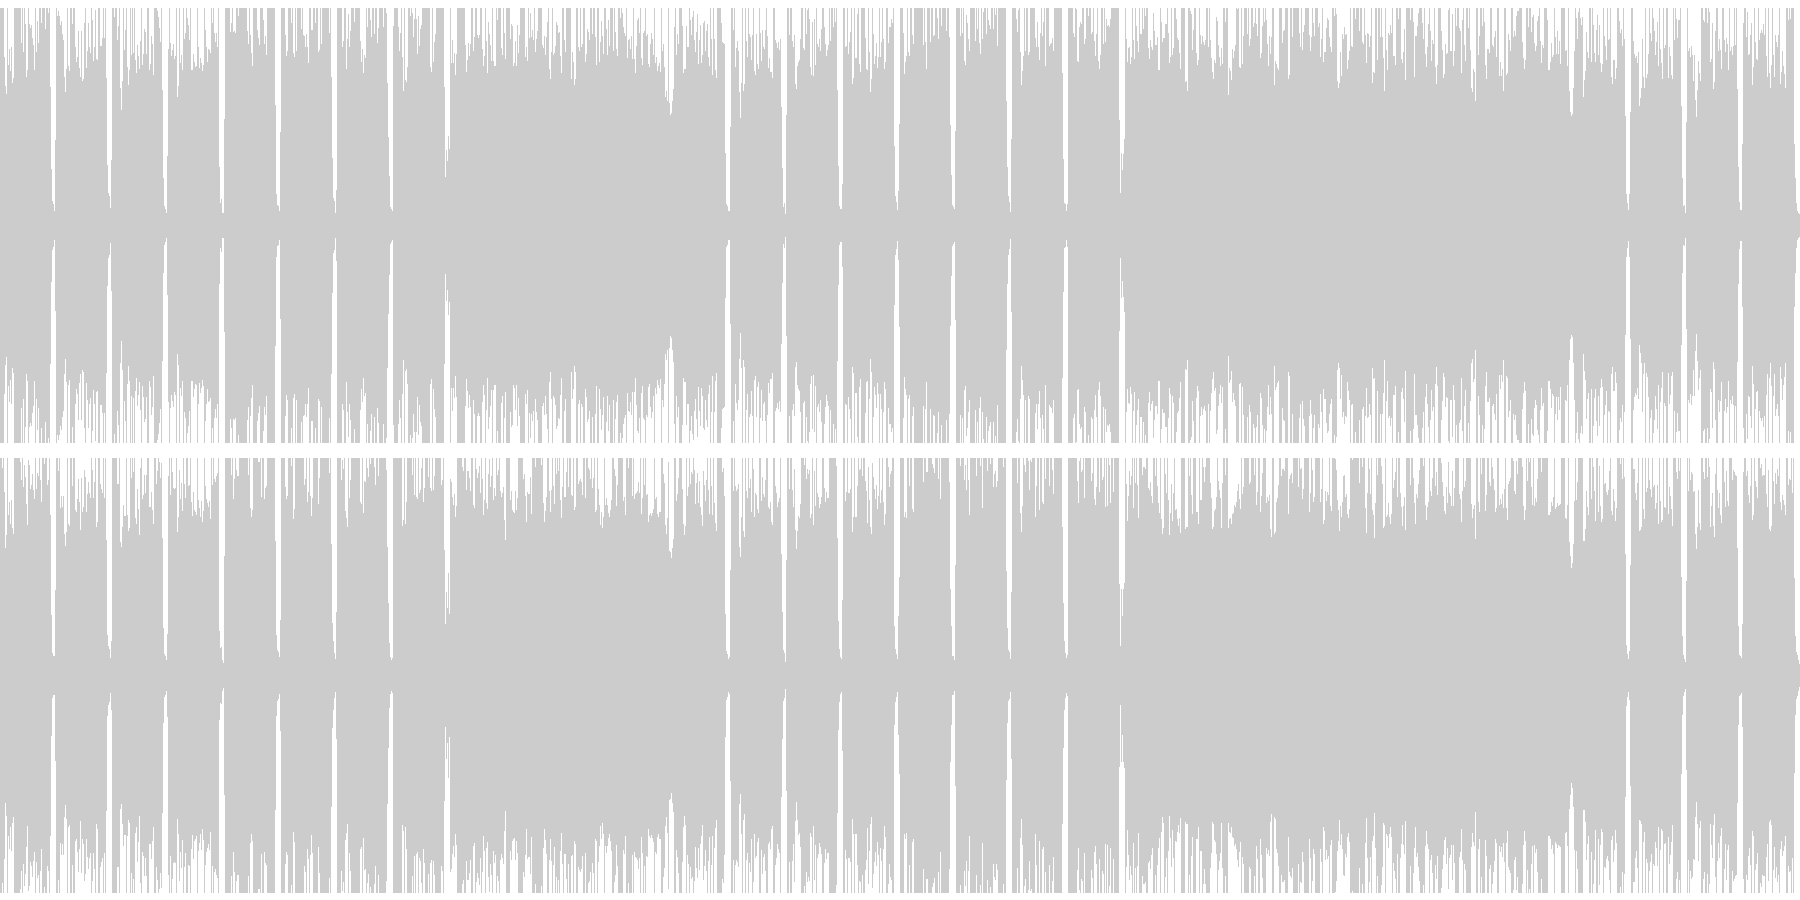 ループできるパンクロックの未再生の波形